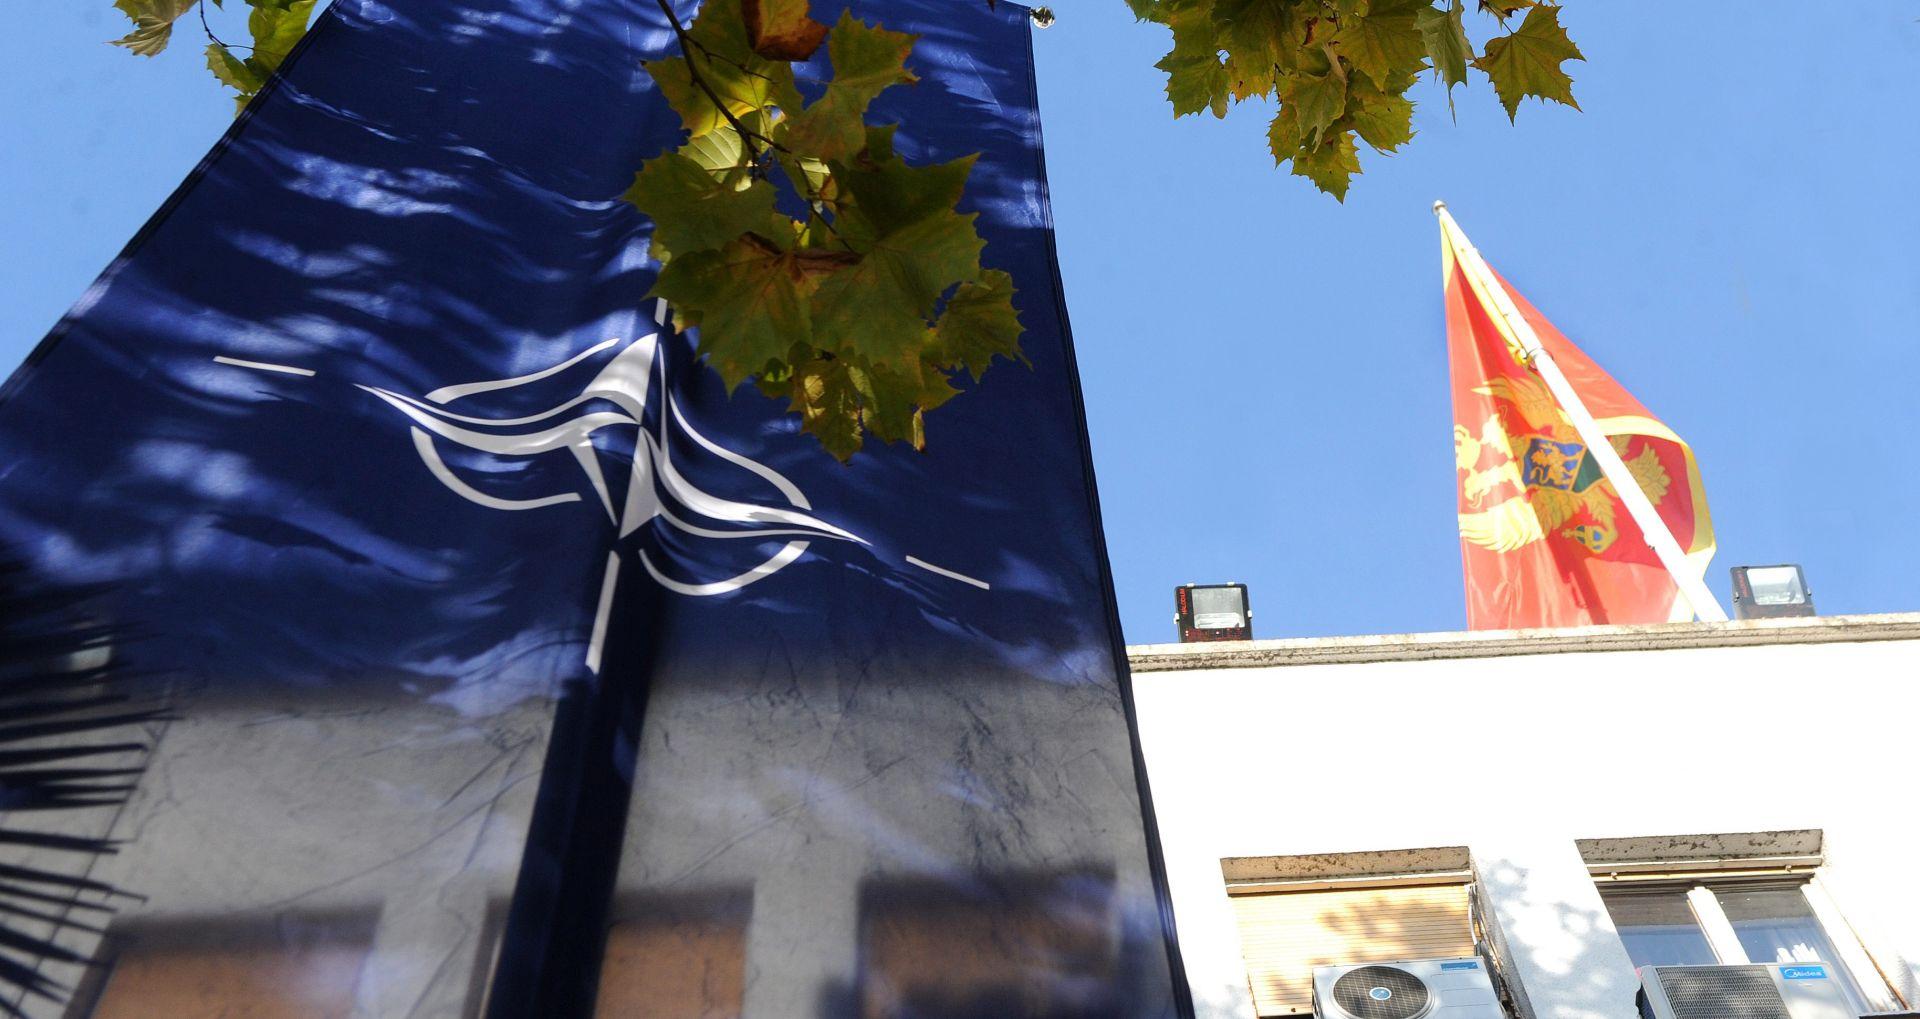 Skupština Crne Gore izglasala ulazak u NATO